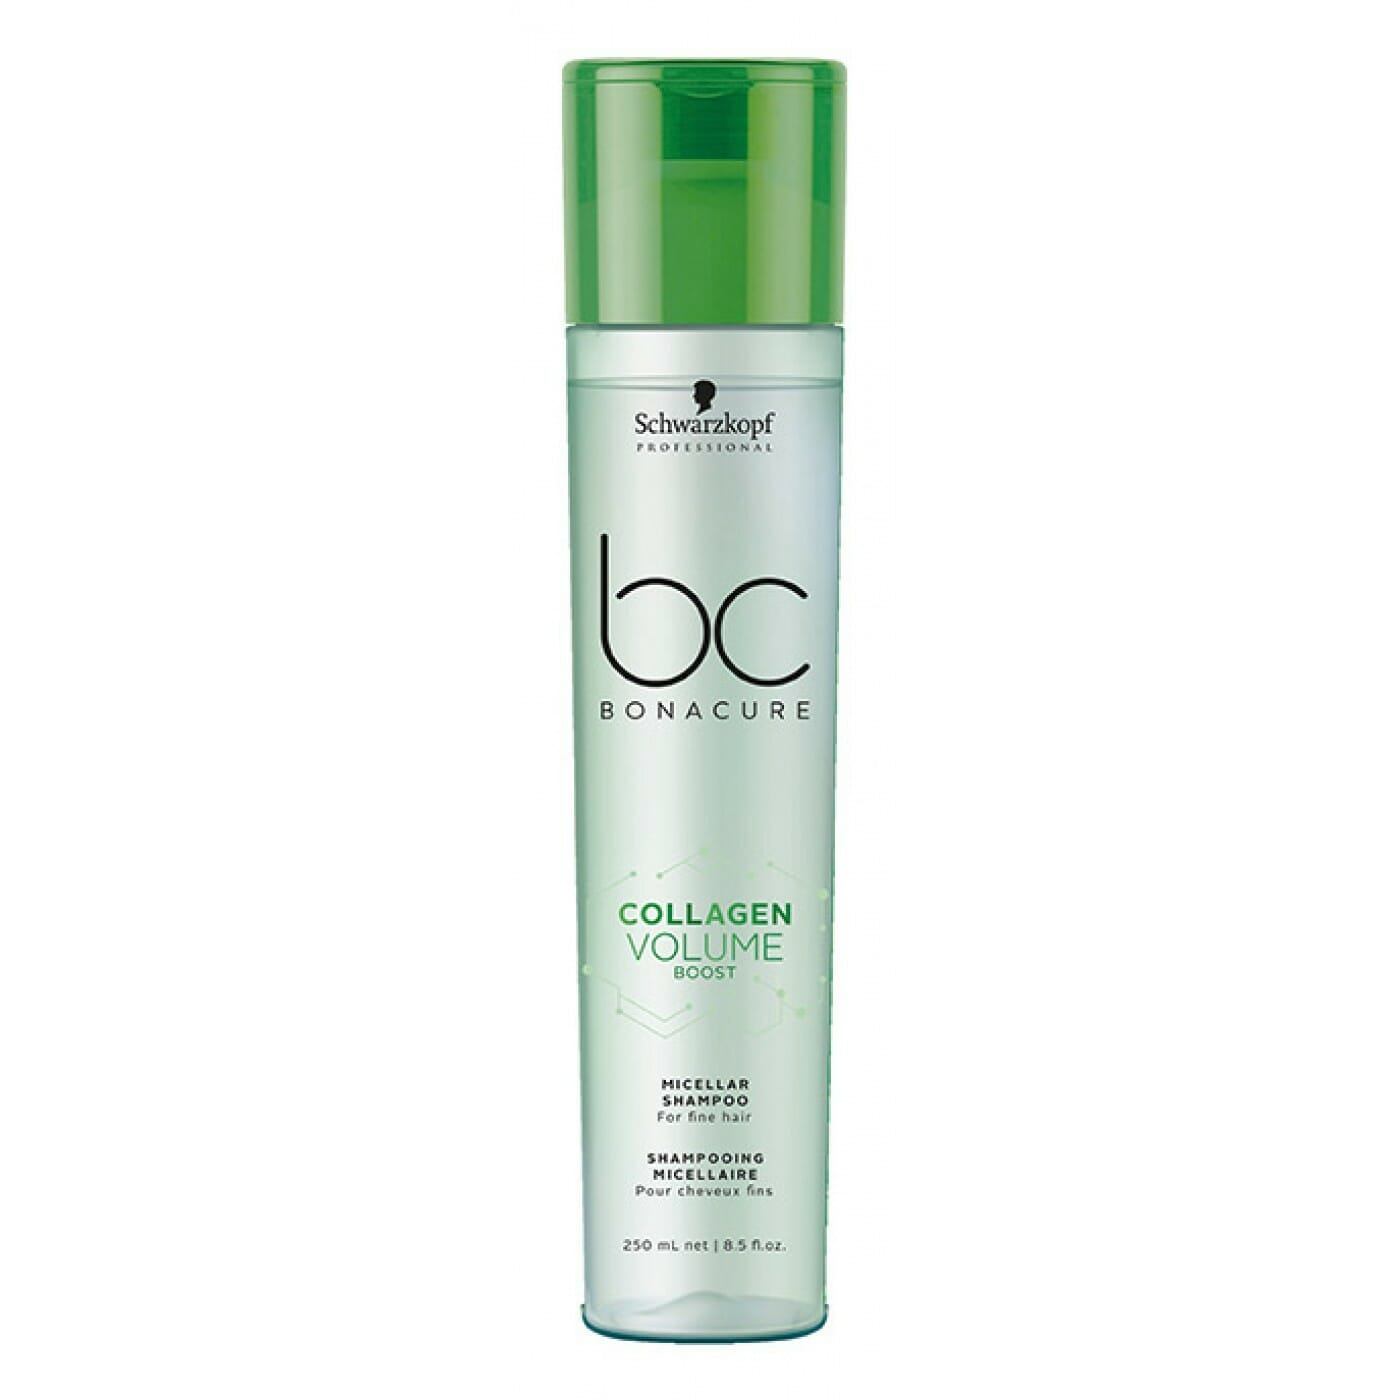 Schwarzkopf Bonacure Volume Boost Shampoo best shampoo for thin hair in pakistan